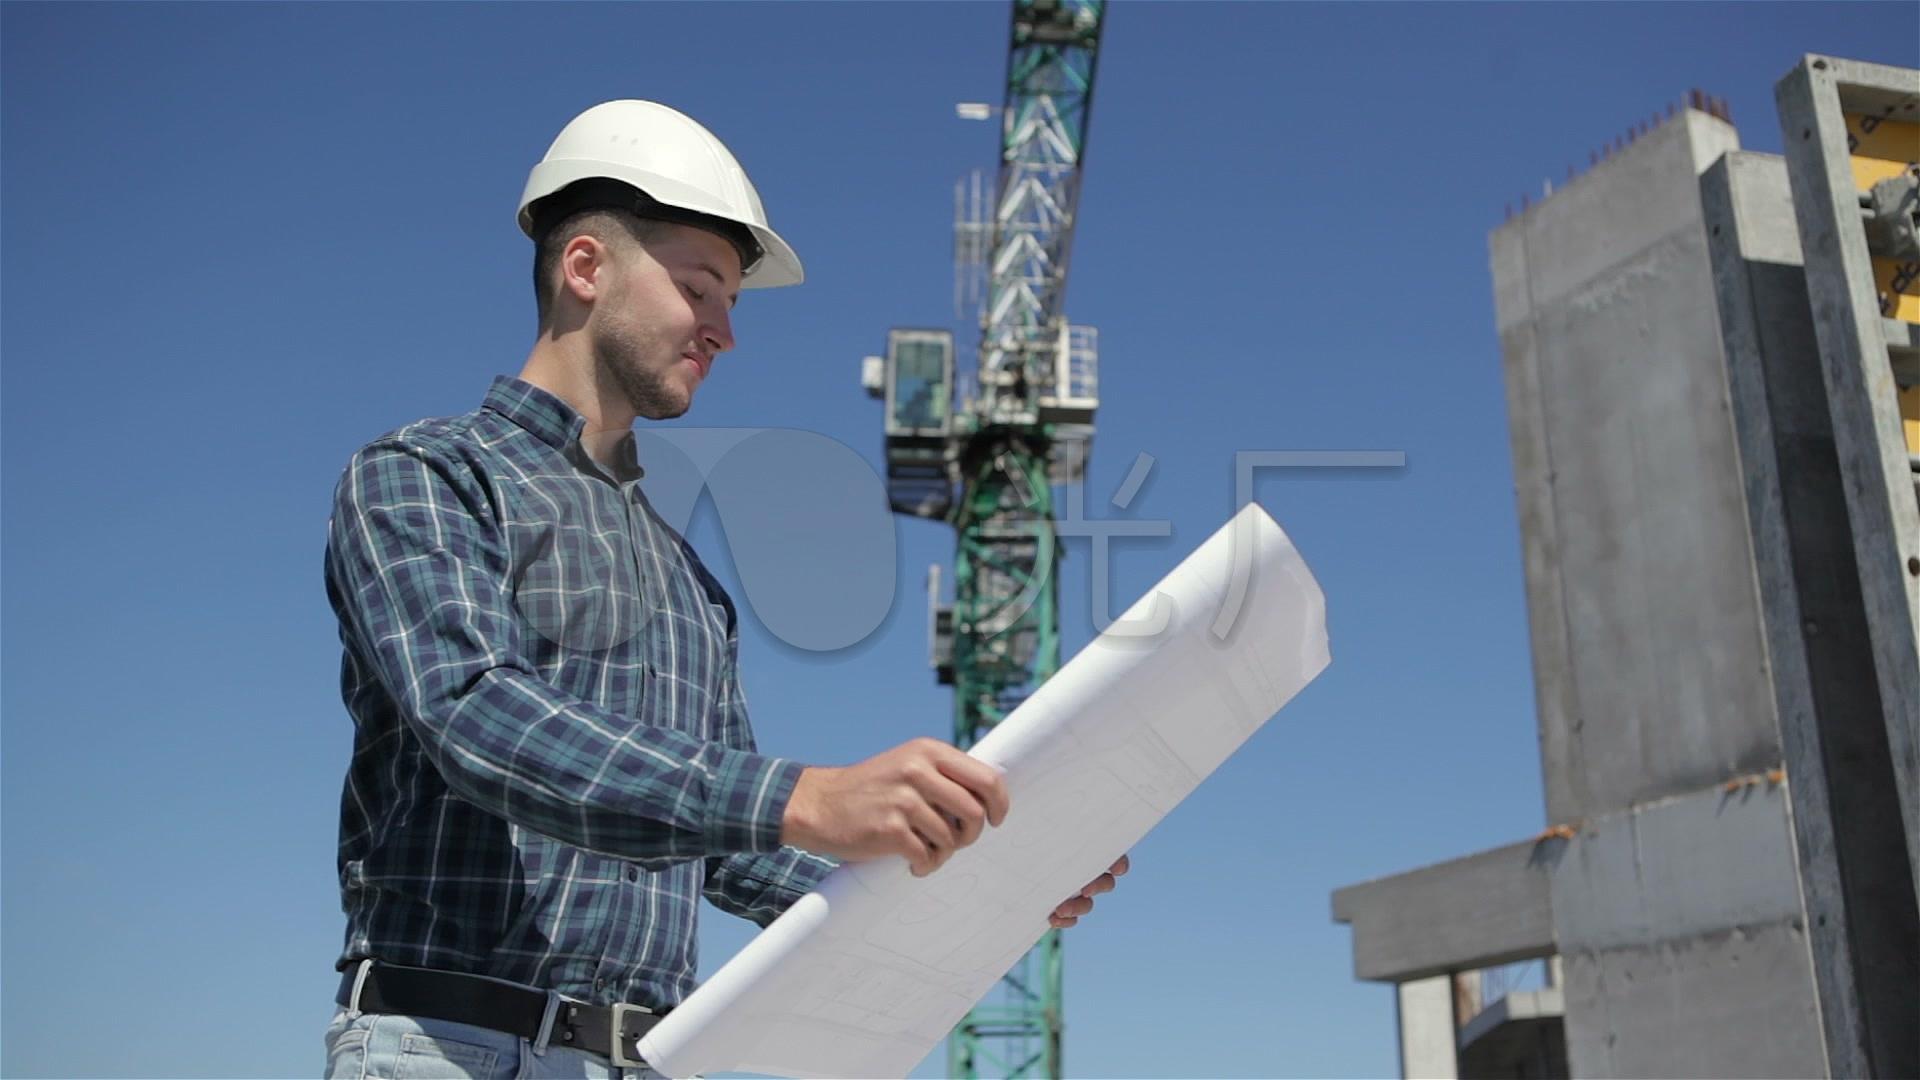 房地产项目开发建筑师看建筑图纸_1920X108绣法爱心十字绣图纸图片